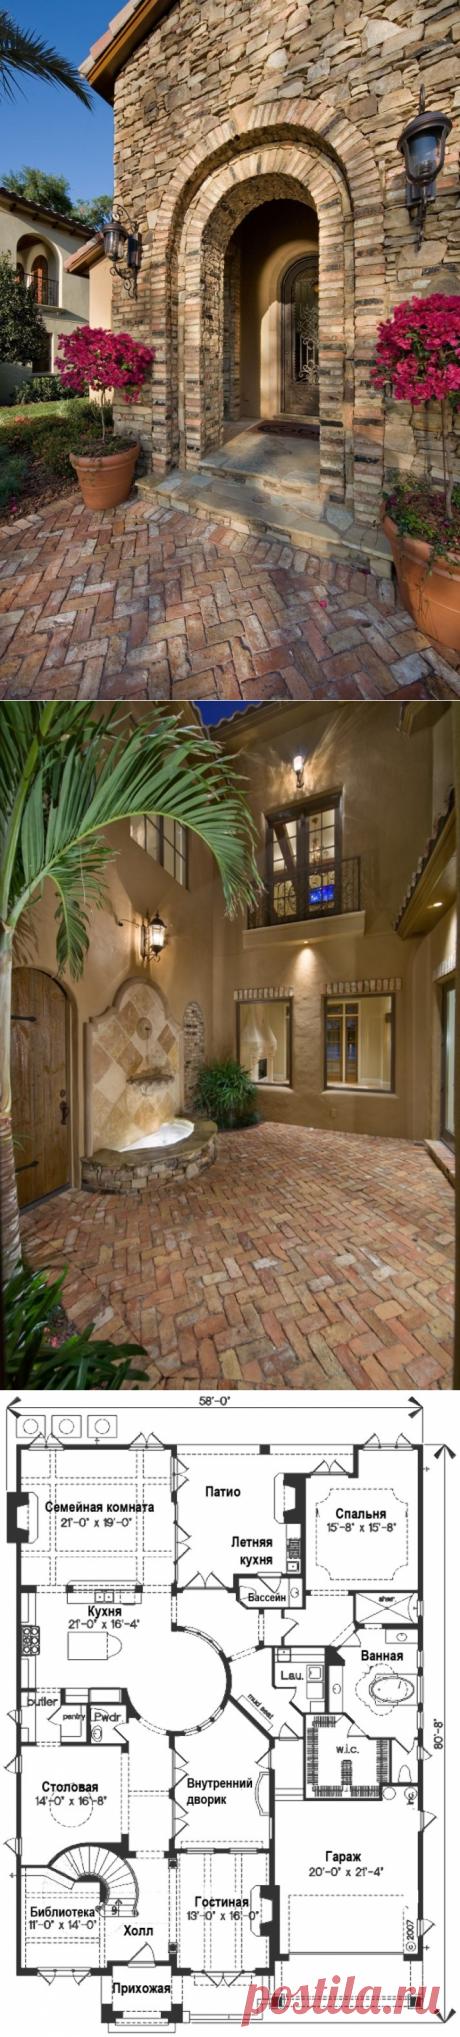 Проект идеального загородного дома с восточным колоритом - Roomble.com